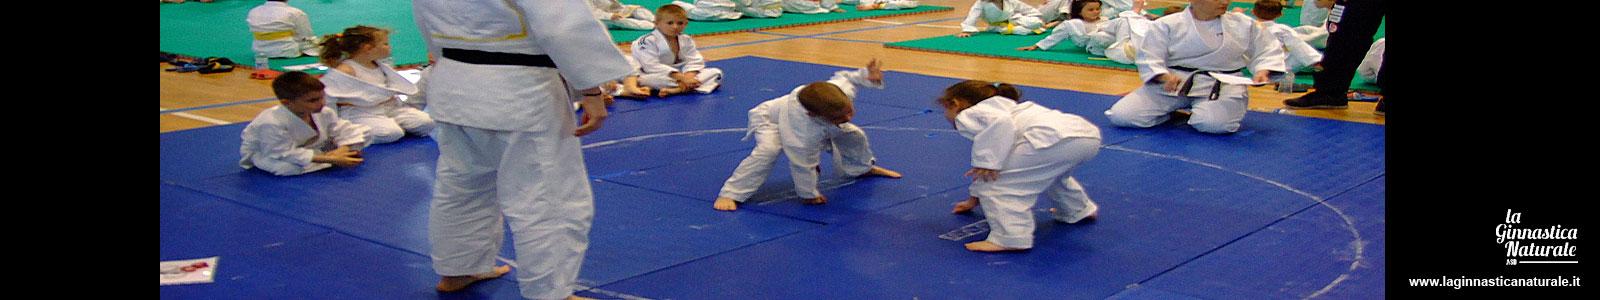 judo-001